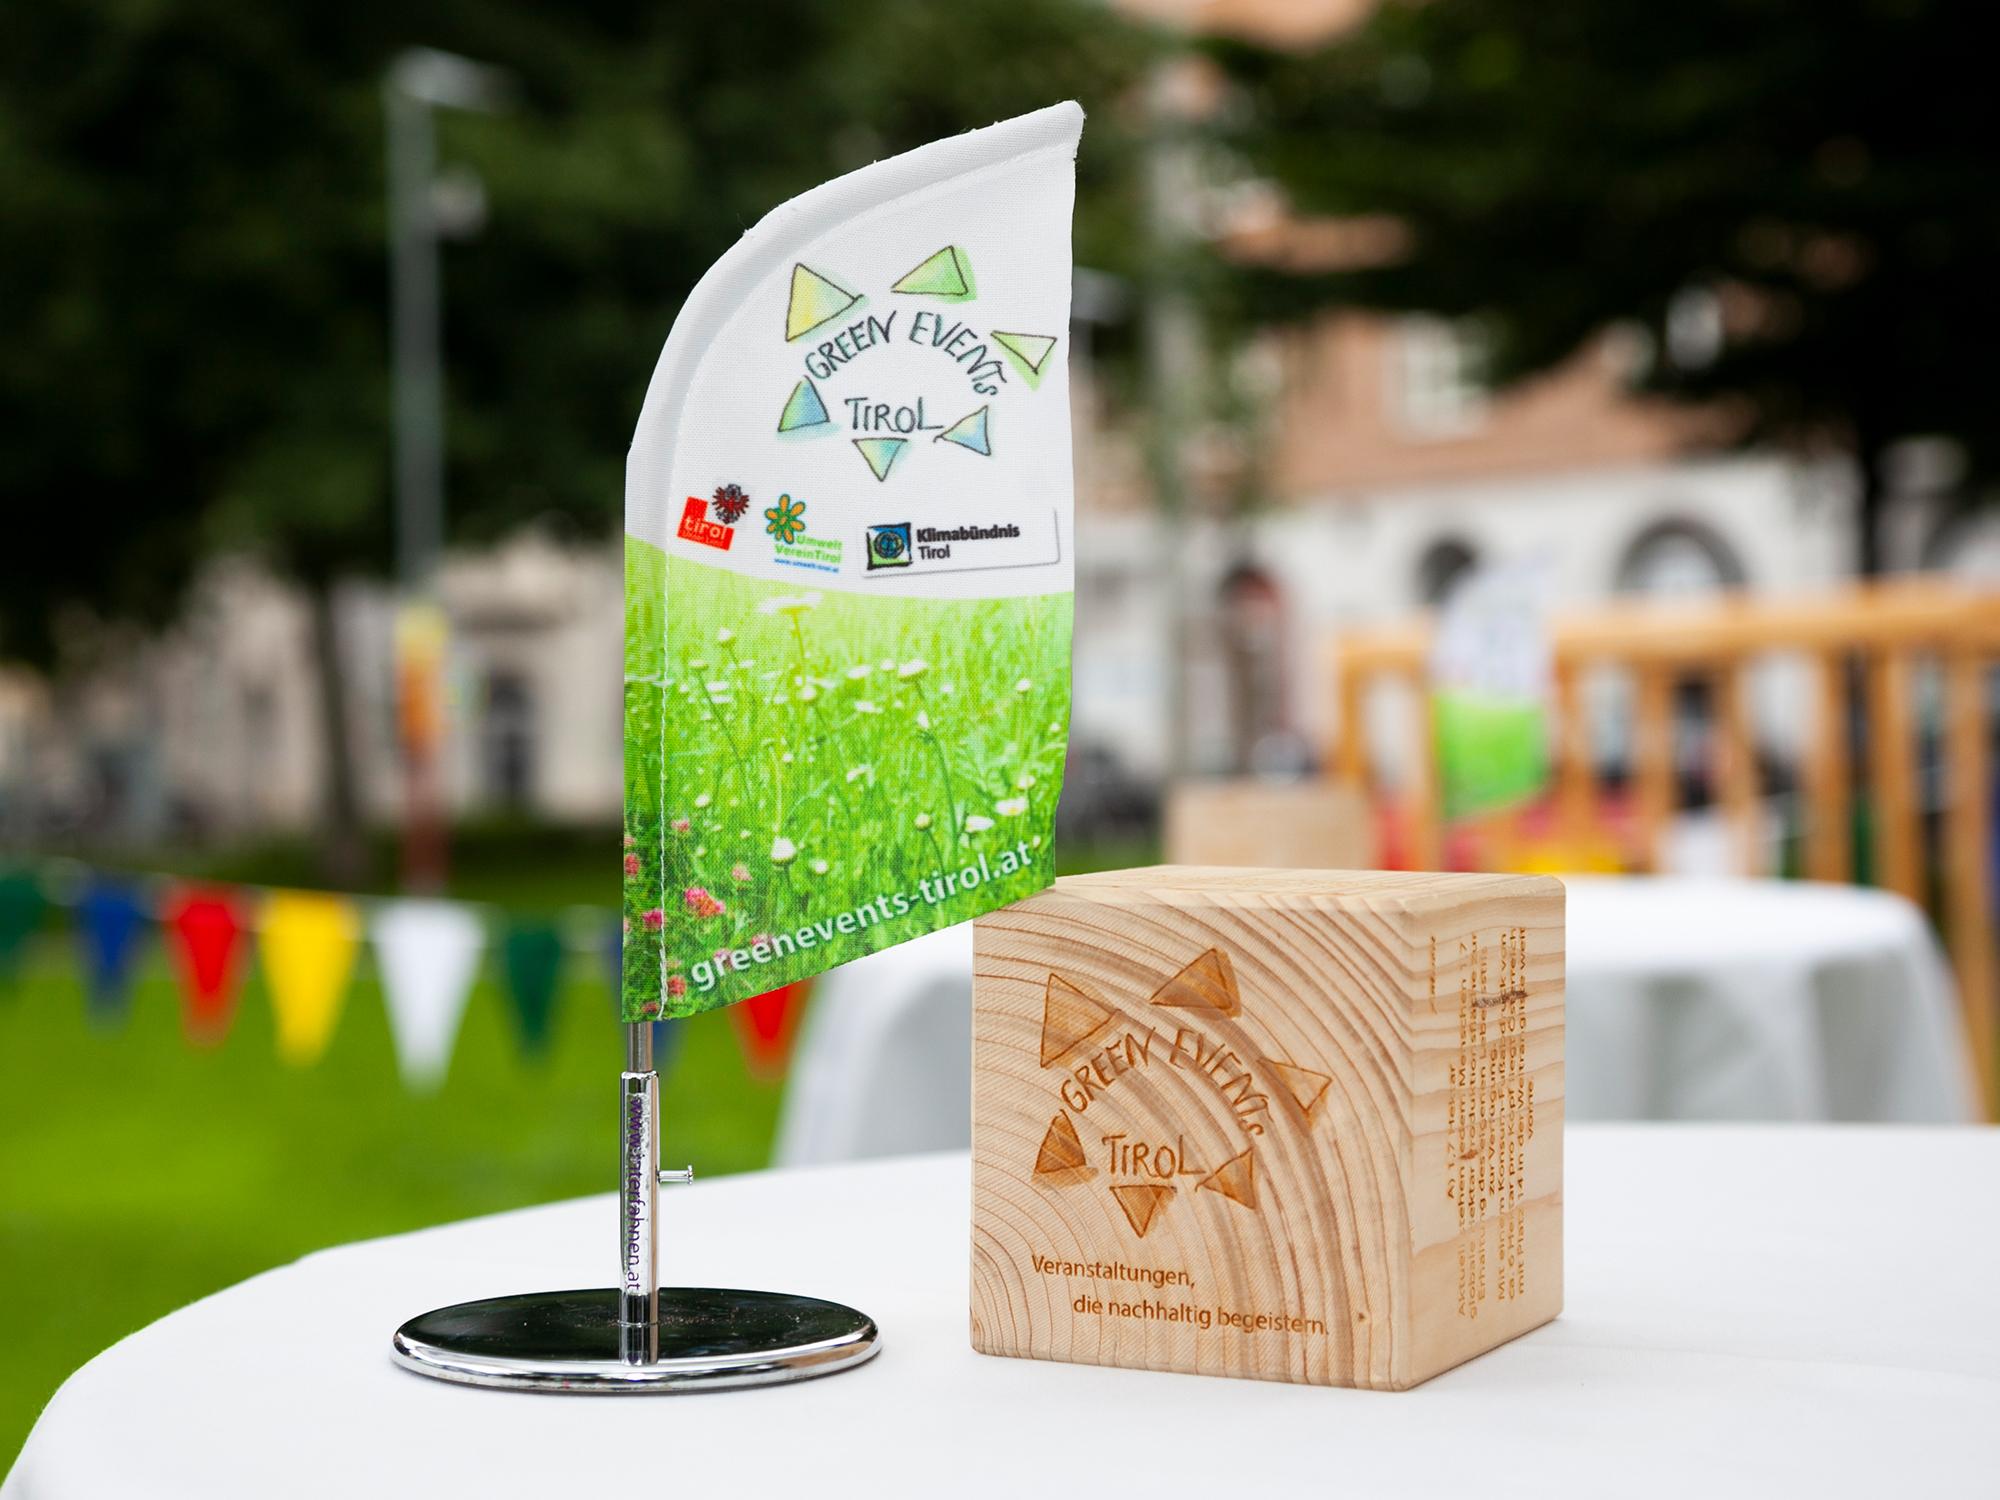 Green Events Tirol Fahne am Tisch des Krapoldi.